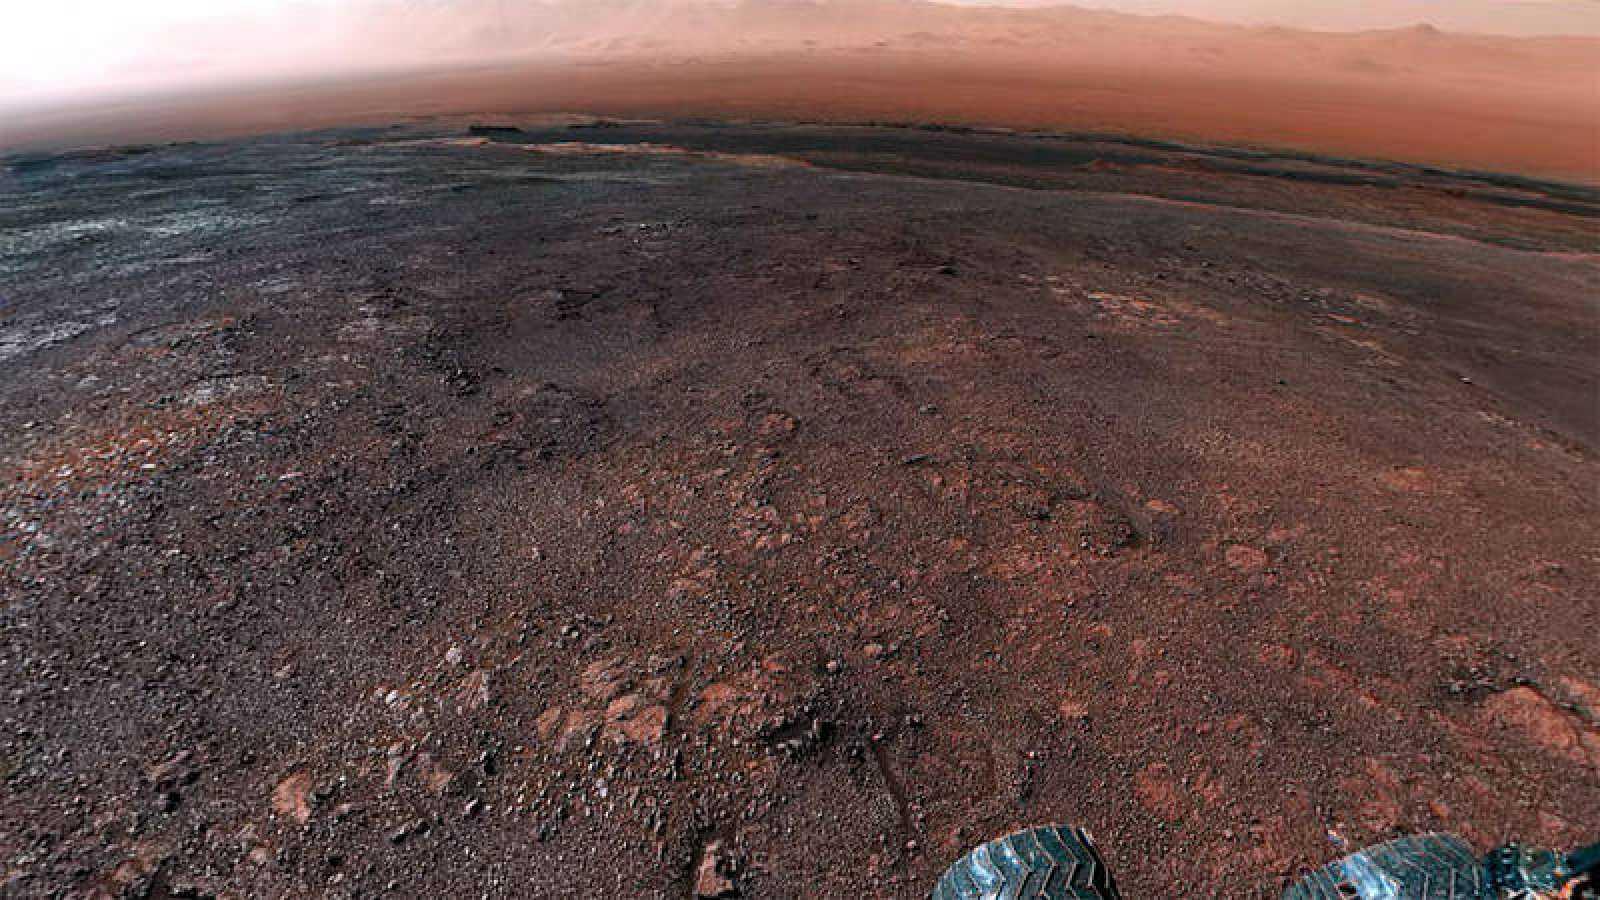 El vídeo se ha creado a partir de una panorámica tomada por el rover el 19 de diciembre.